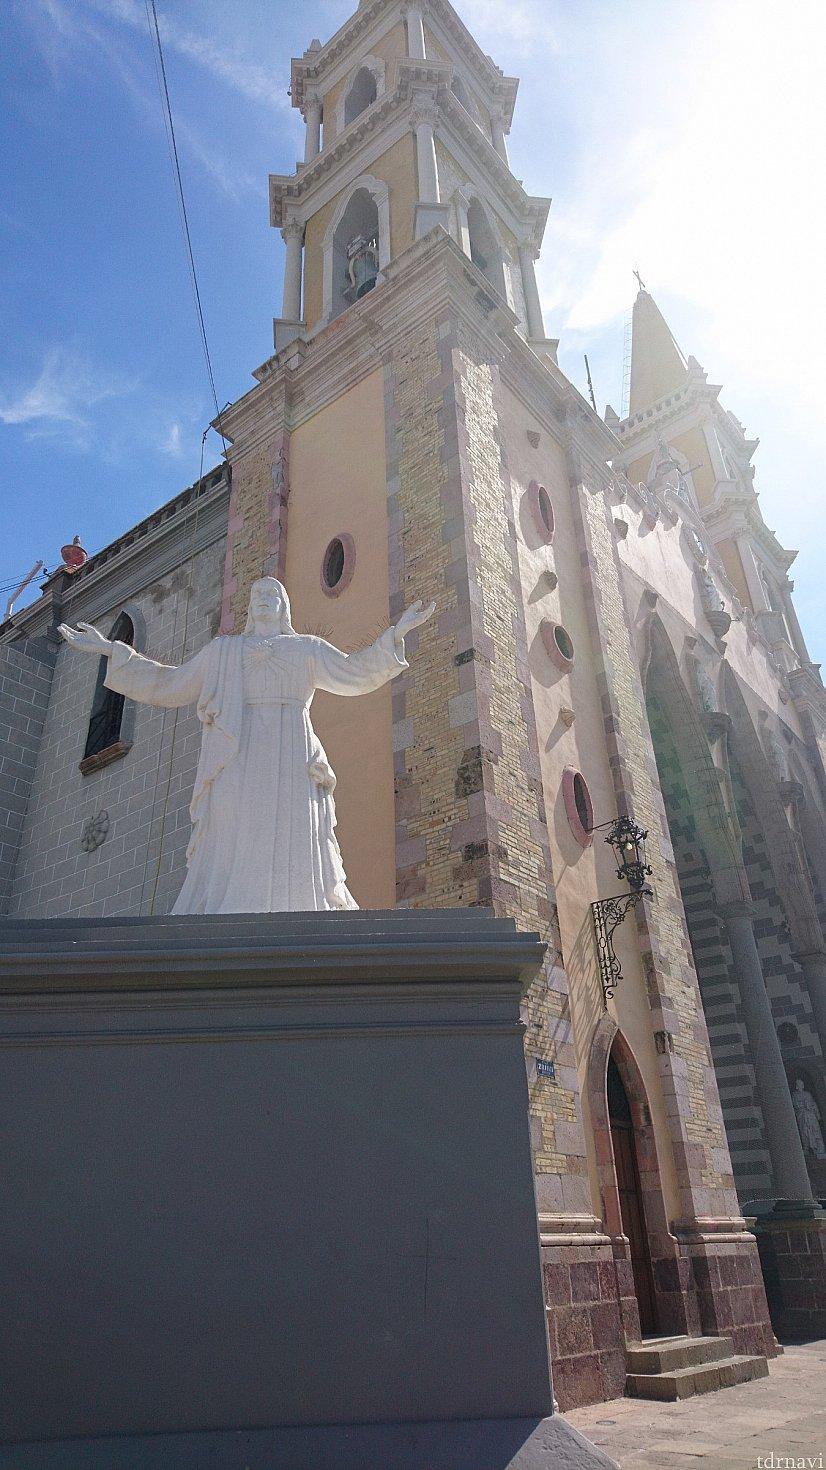 大きな教会です。 フラッシュを焚かなければ写真撮影OKです。